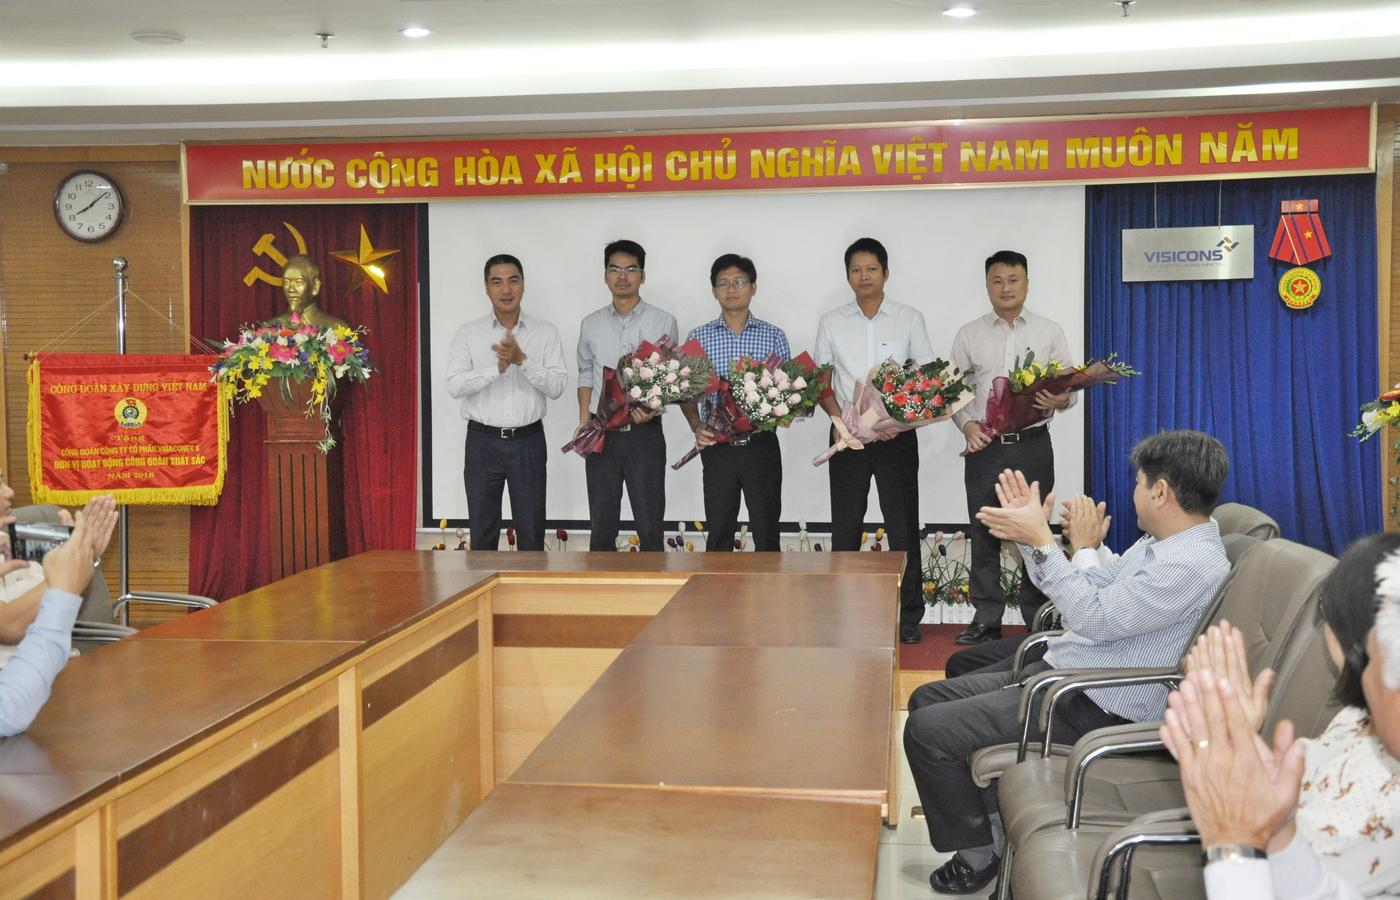 Nghị quyết thành lập Văn phòng đại diện tại TP Hồ Chí Minh, kiện toàn 1 số phòng chức năng và bổ nhiệm nhân sự chủ chốt